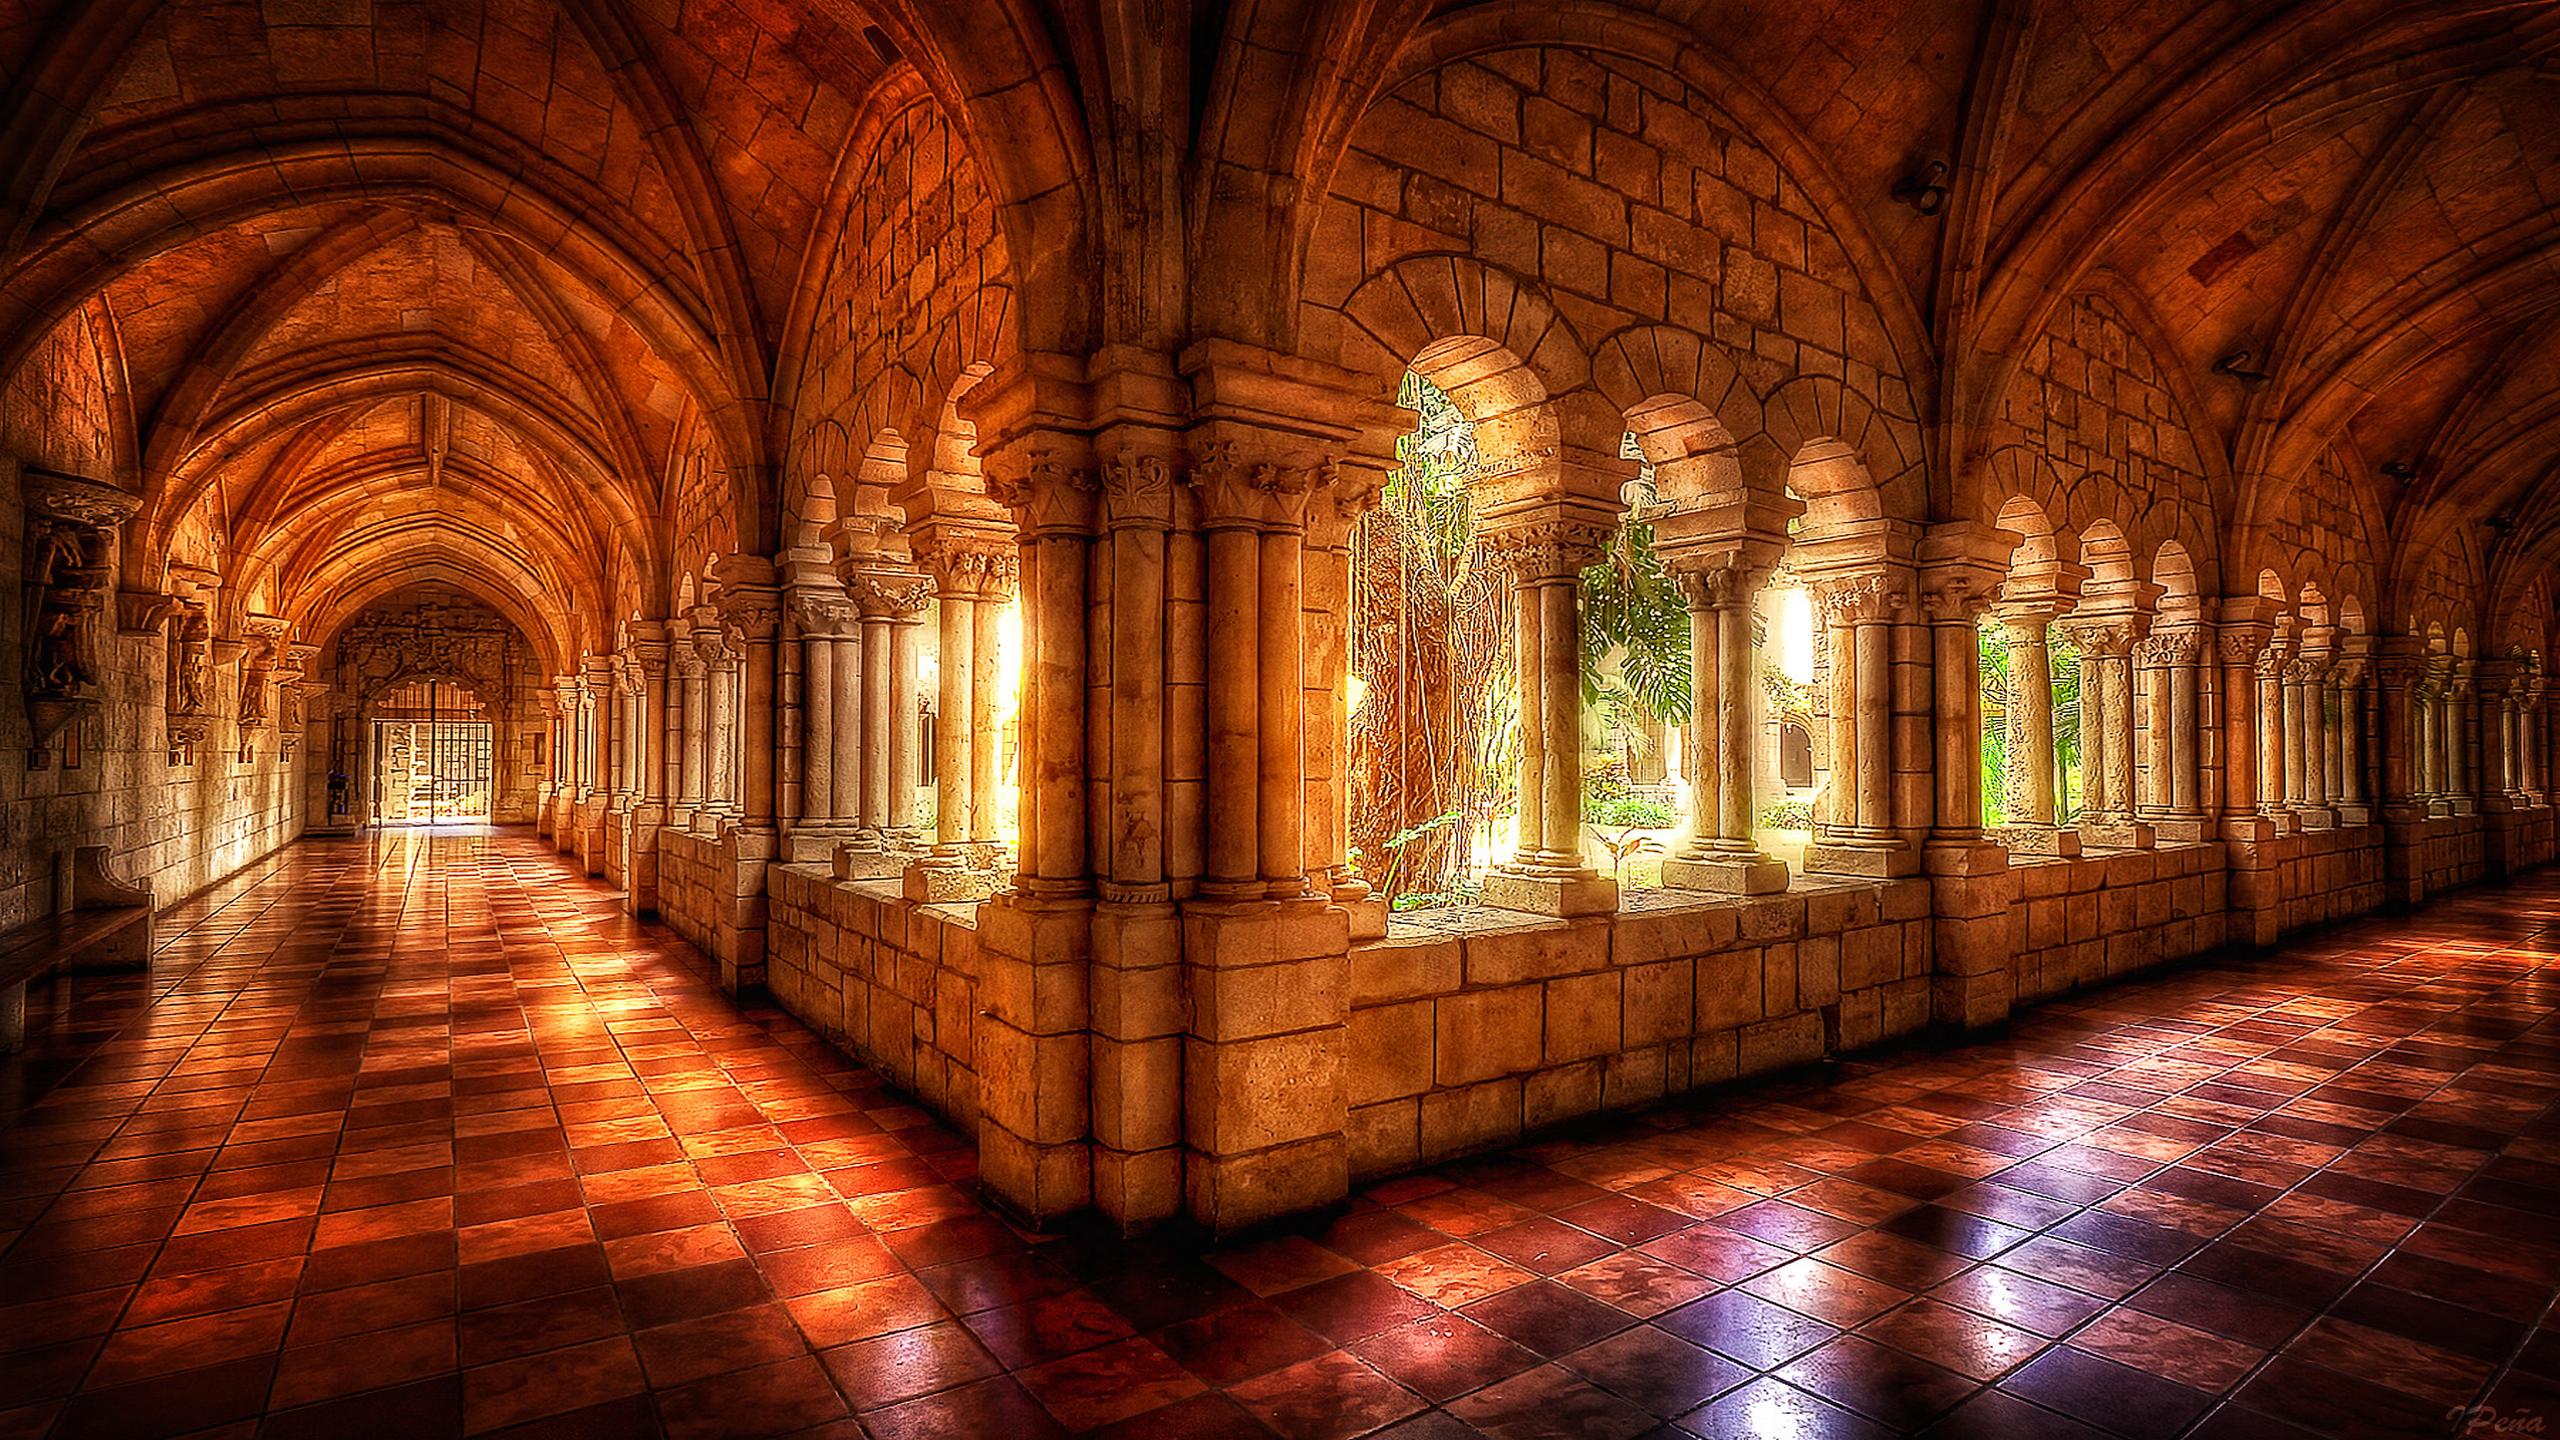 monastery wallpaper -#main